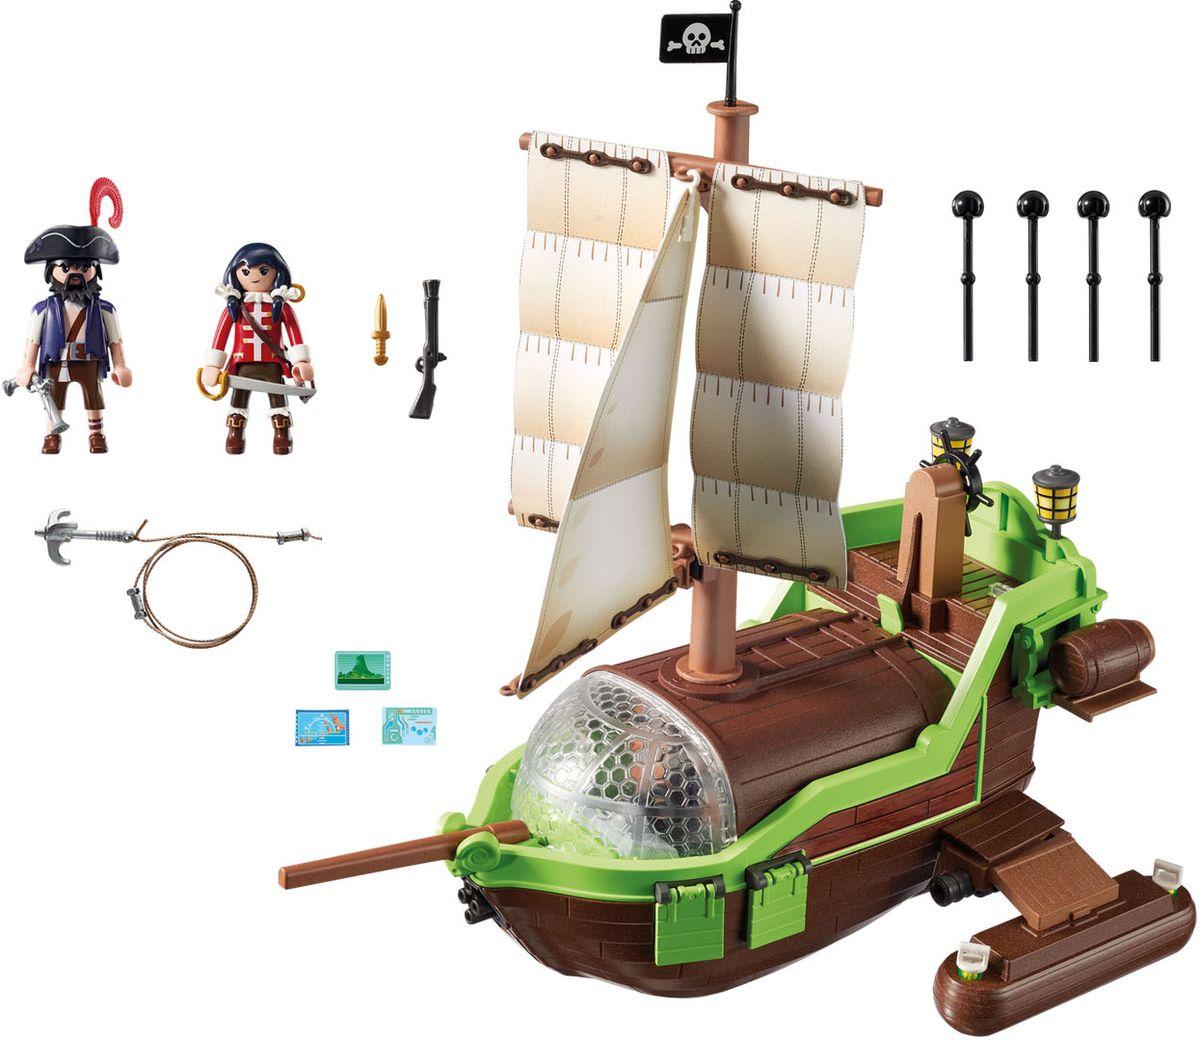 Playmobil Игровой набор Пират Хамелион с Руби playmobil® playmobil 5289 секретный агент мега робот с бластером